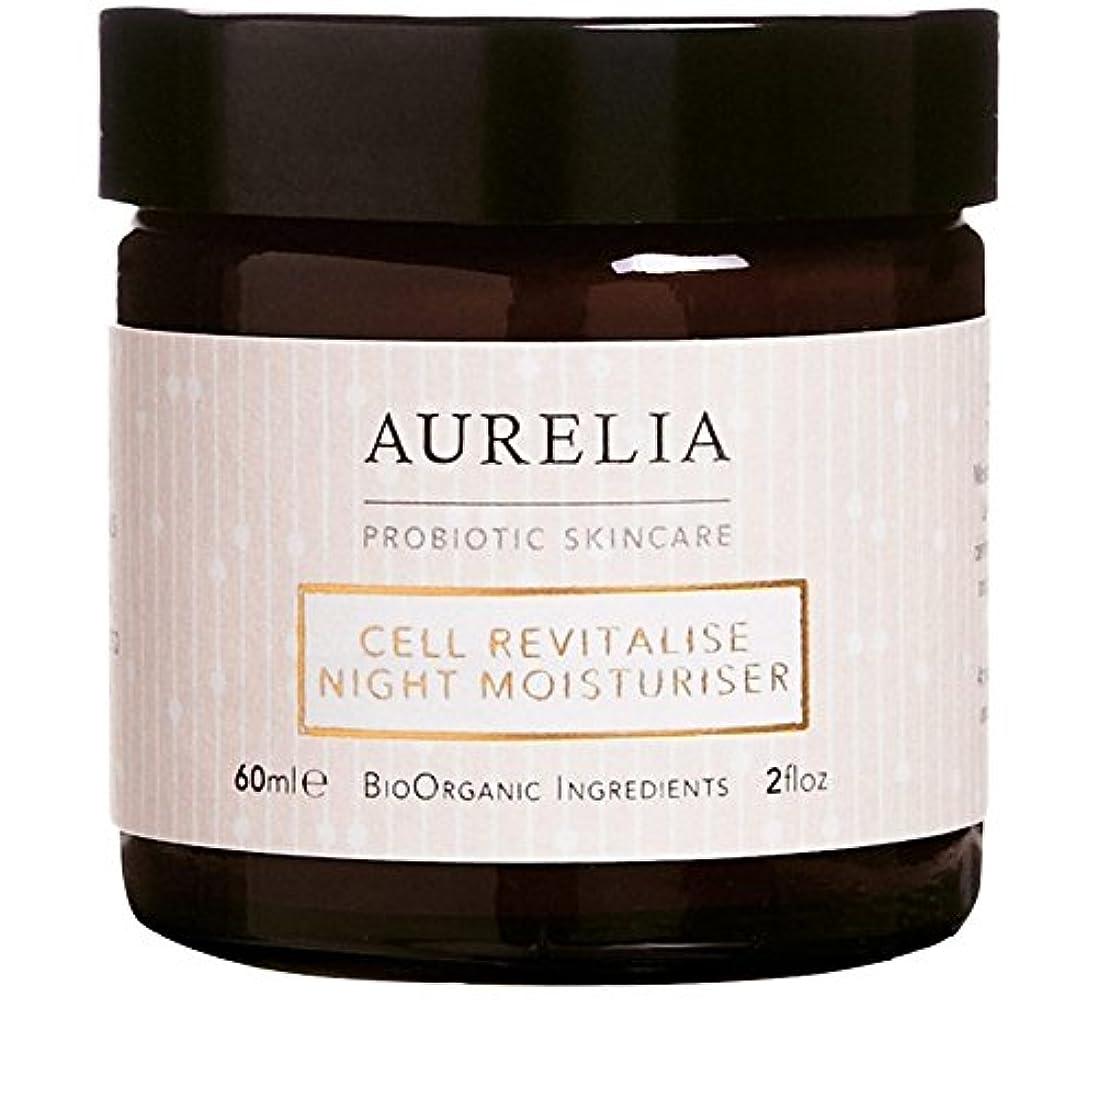 免除肥沃な代わって[Aurelia Probiotic Skincare ] アウレリアプロバイオティクススキンケア細胞は、夜の保湿60ミリリットルを活性化 - Aurelia Probiotic Skincare Cell Revitalise Night Moisturiser 60ml [並行輸入品]